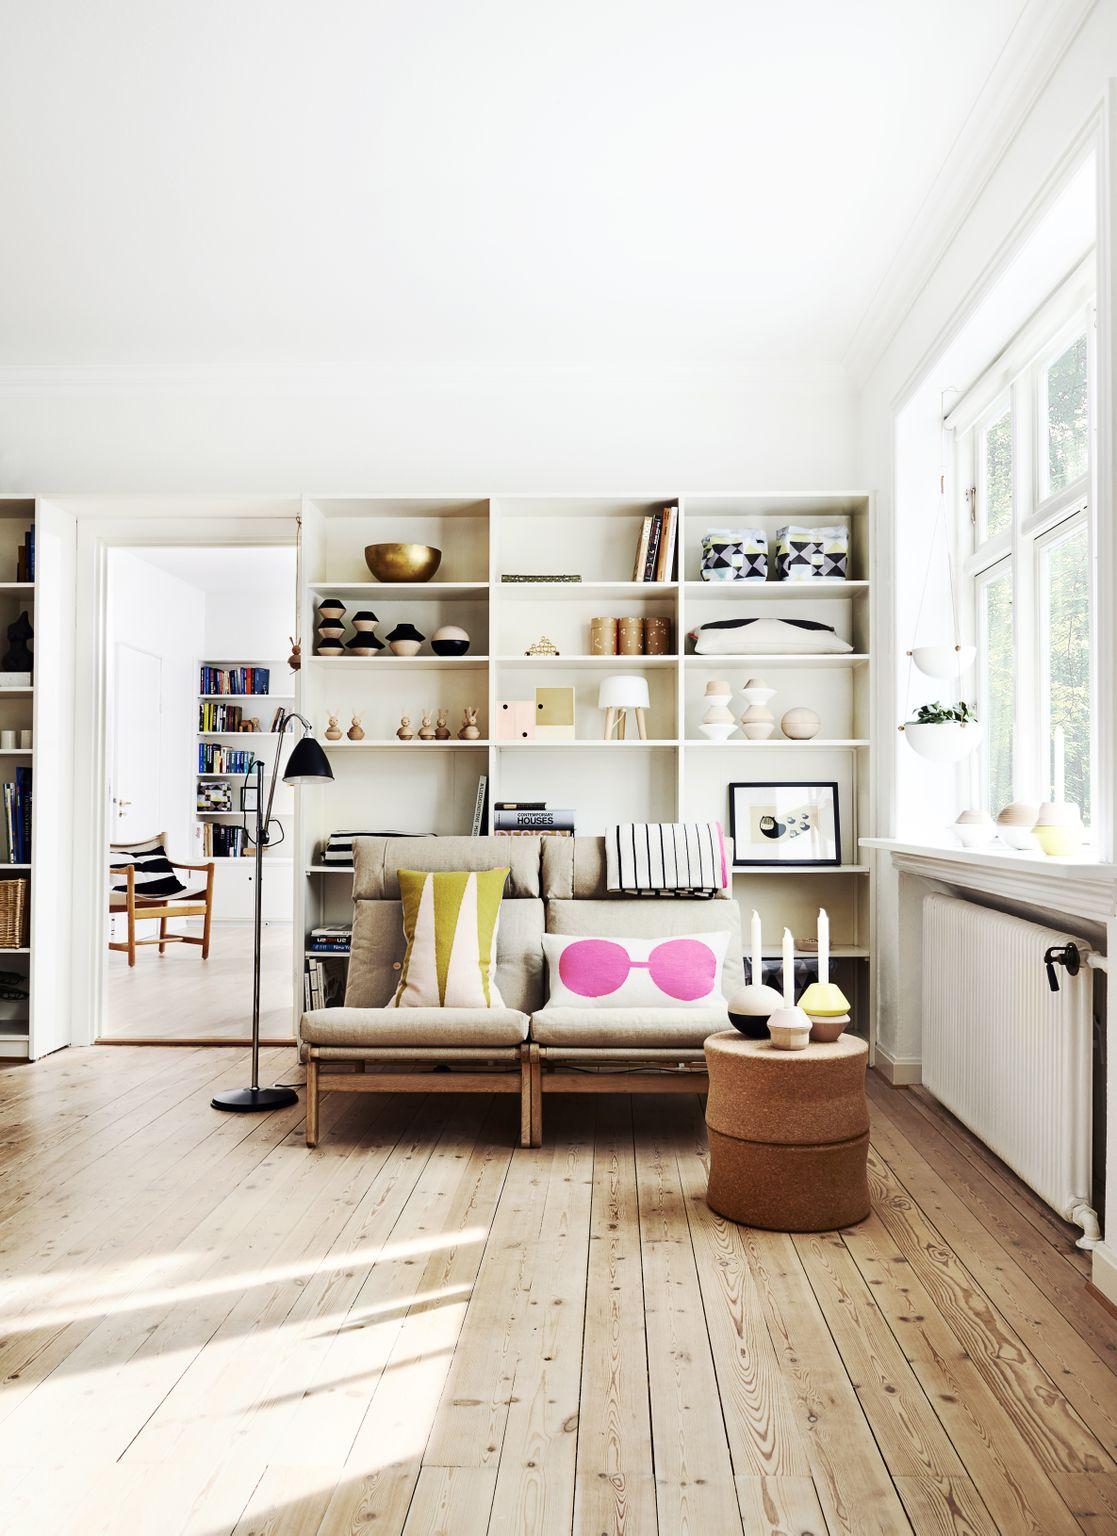 lille lykke nieuwe collectie beelden van oyoy. Black Bedroom Furniture Sets. Home Design Ideas